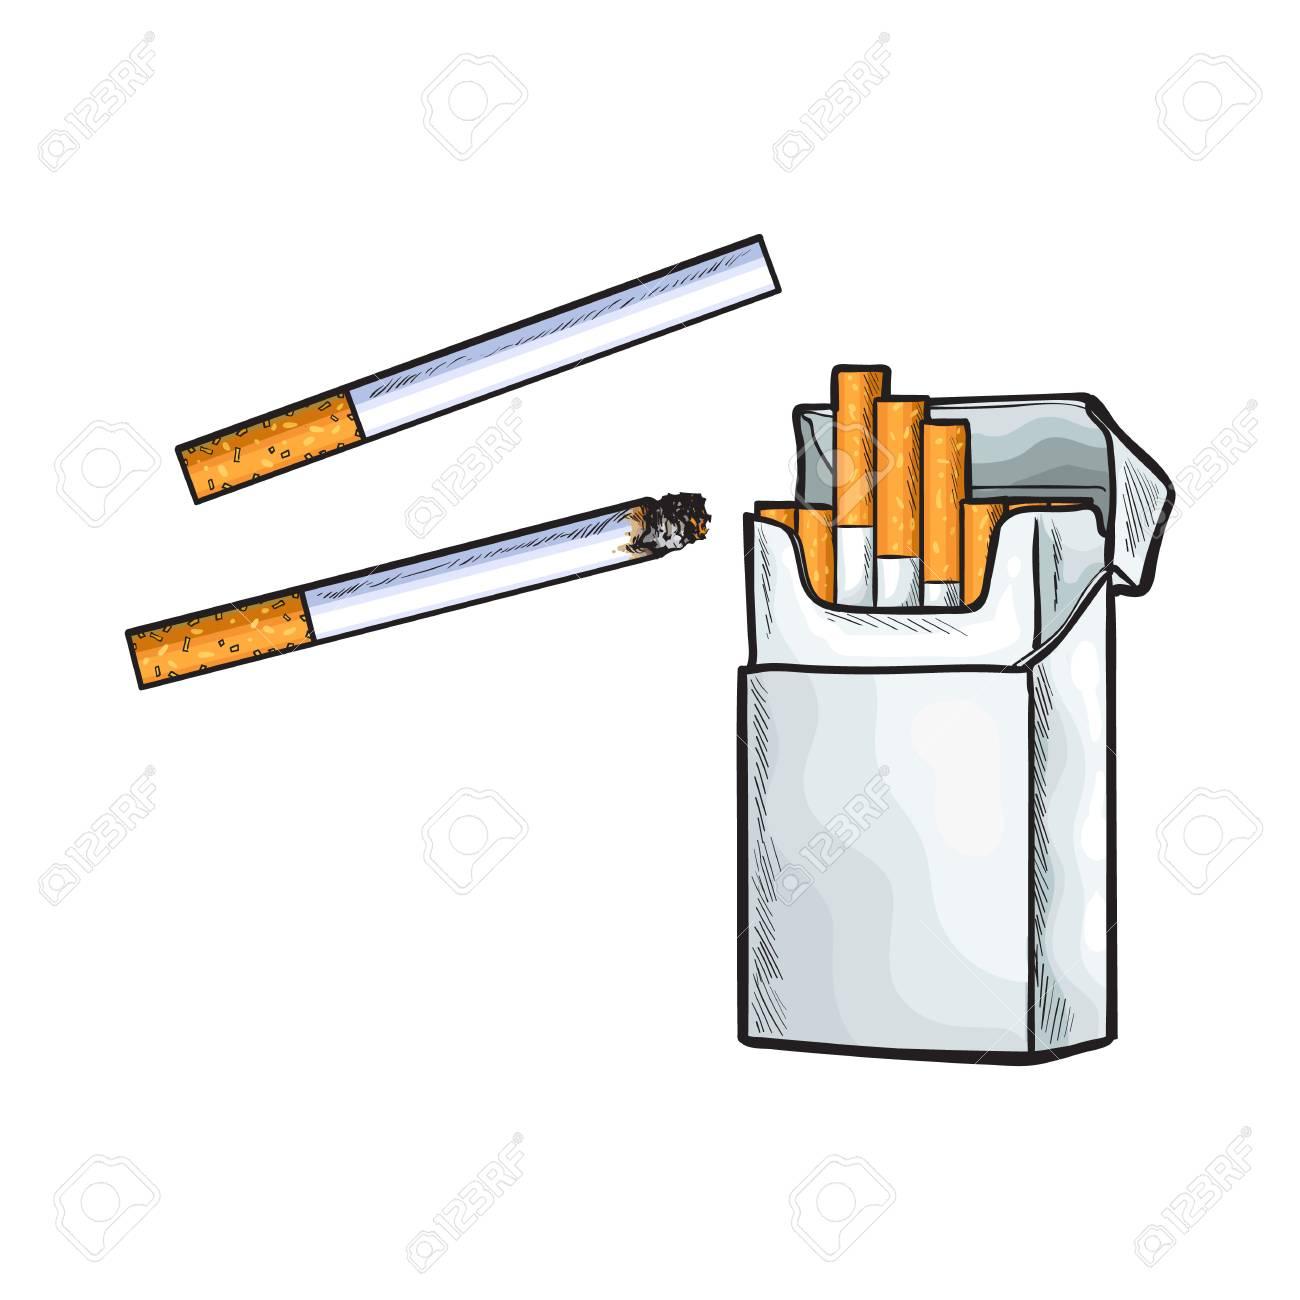 Dessin Paquet De Cigarette unlabeled debout paquet ouvert de cigarettes, croquis illustration